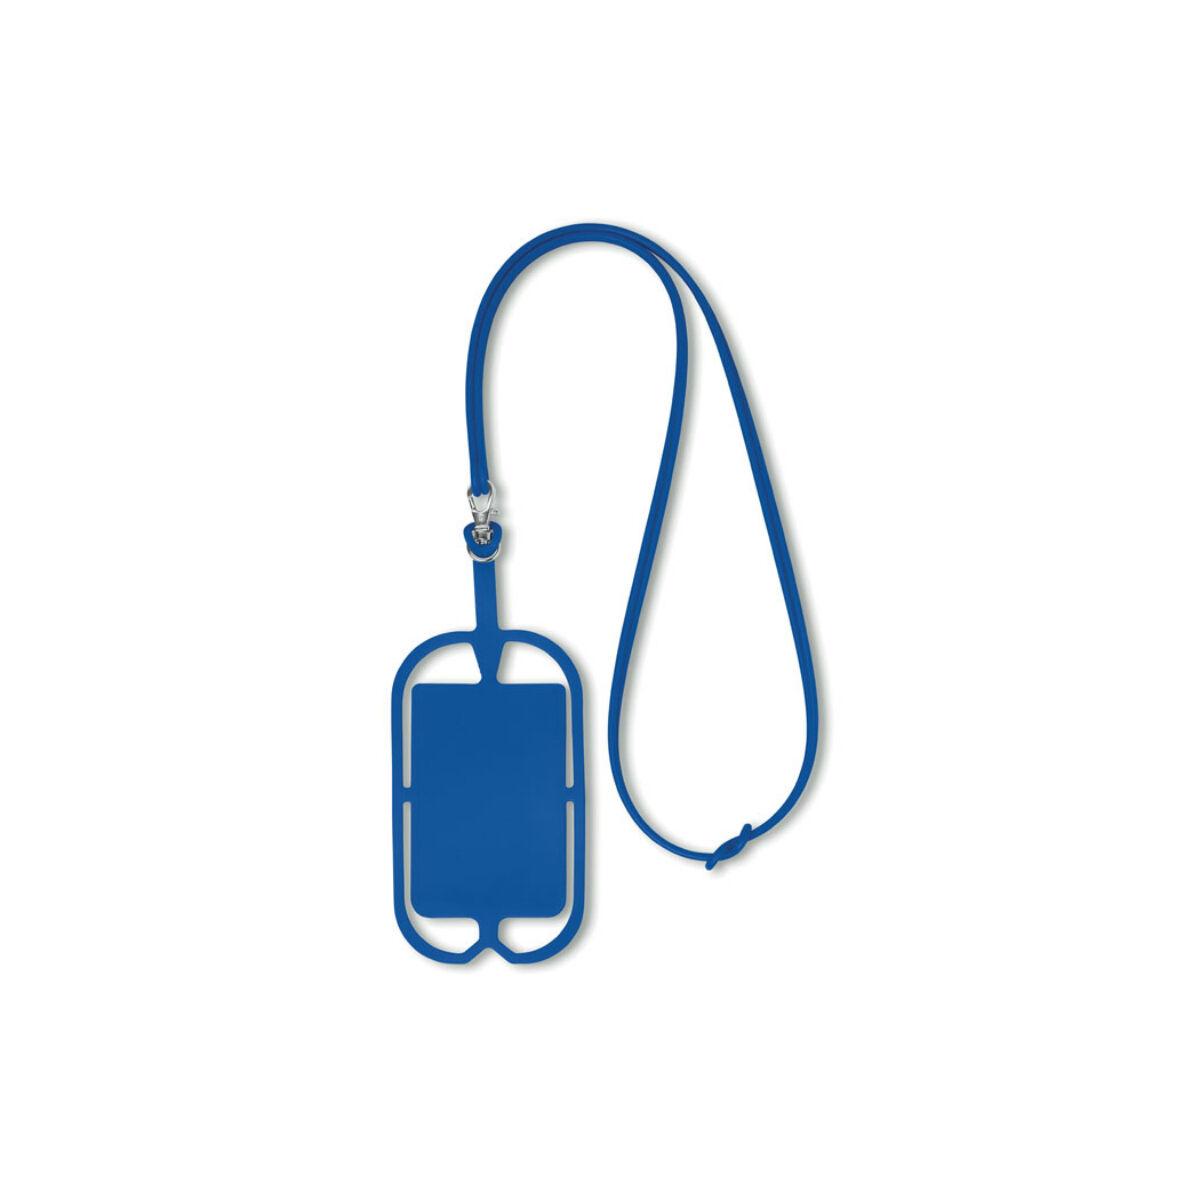 Smartphone Holder and Hanger (Blue)